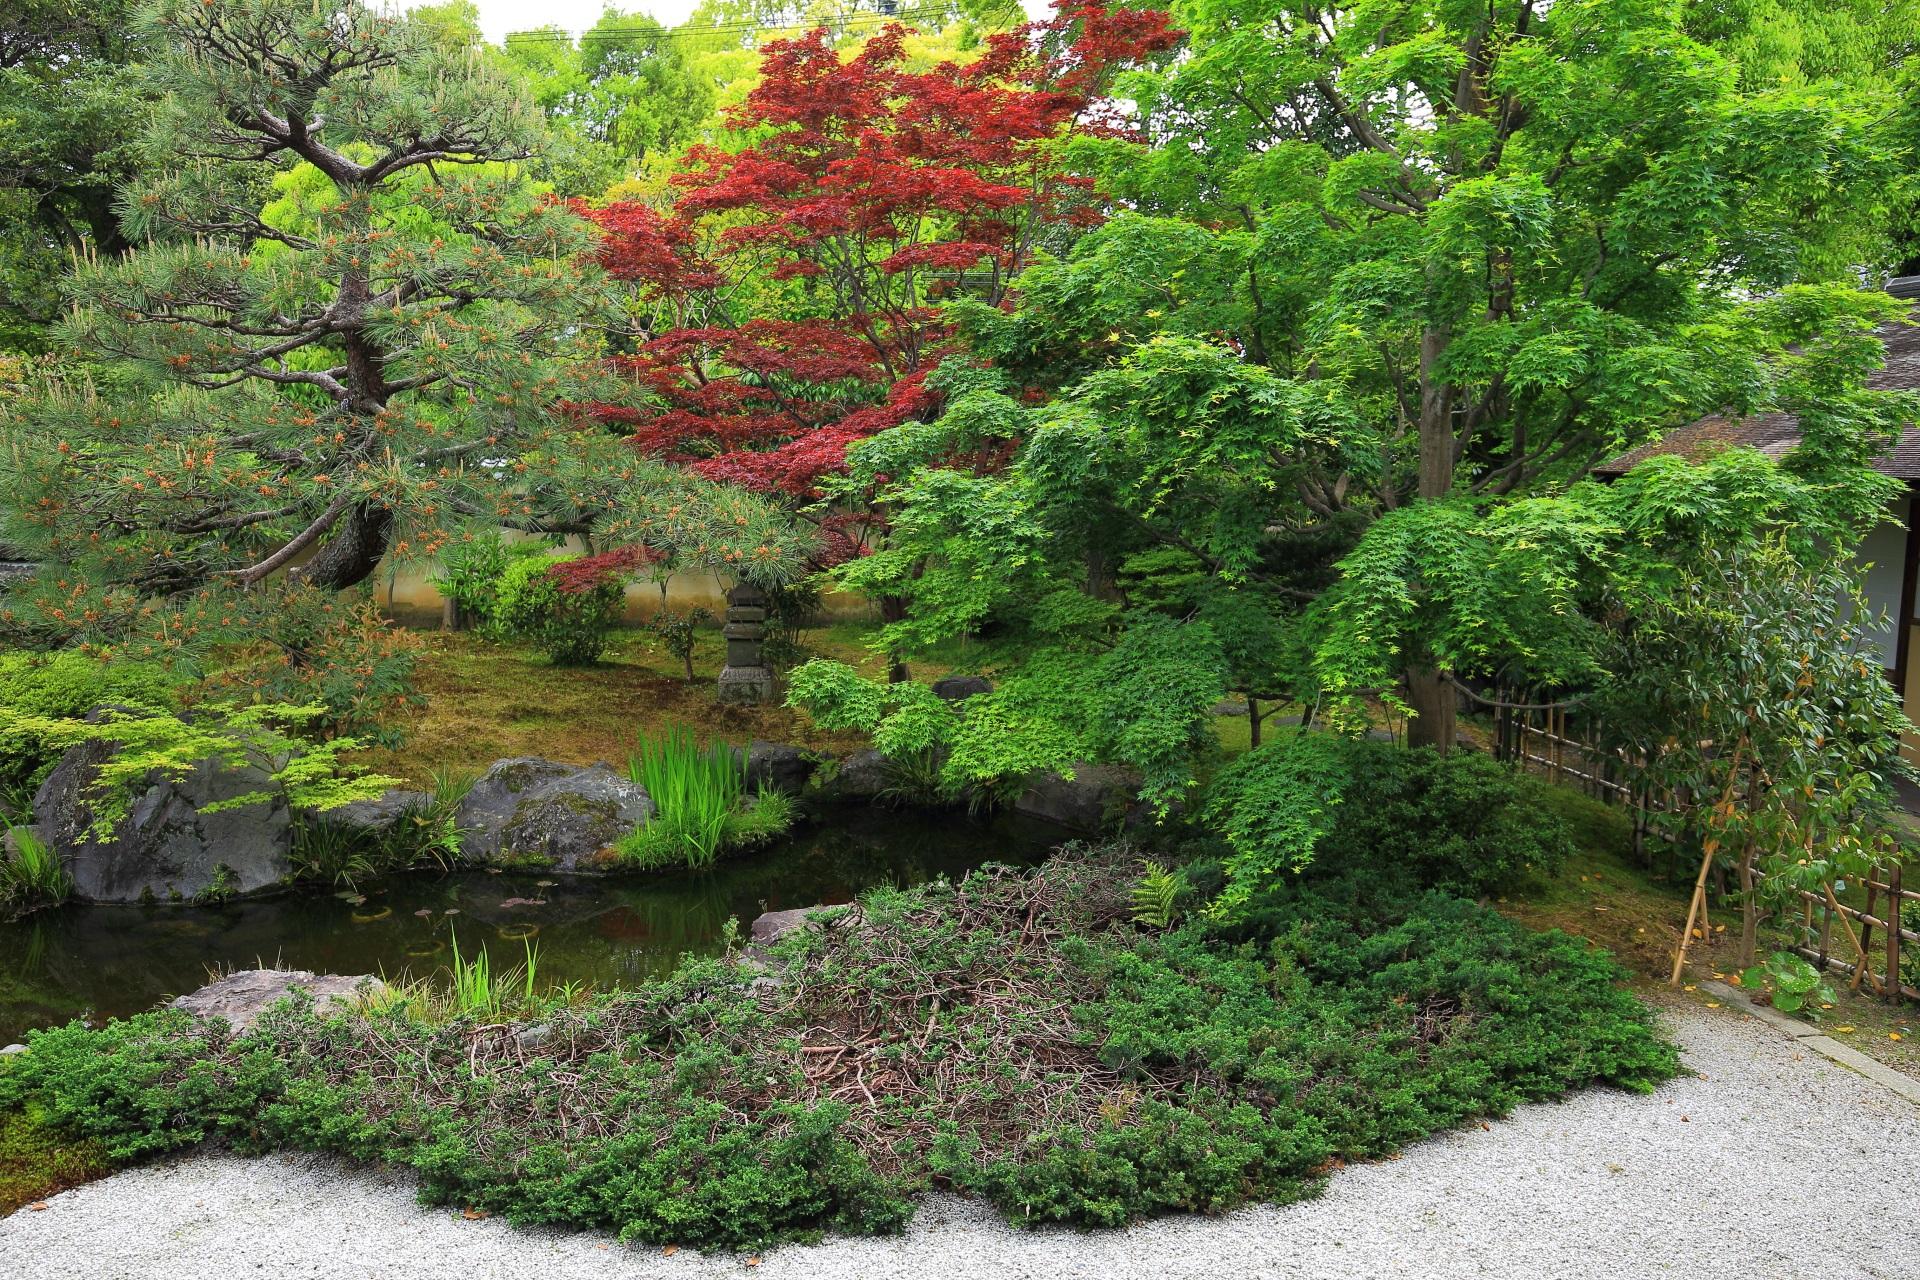 緑の綺麗な正伝永源院の方丈南側の池泉式庭園